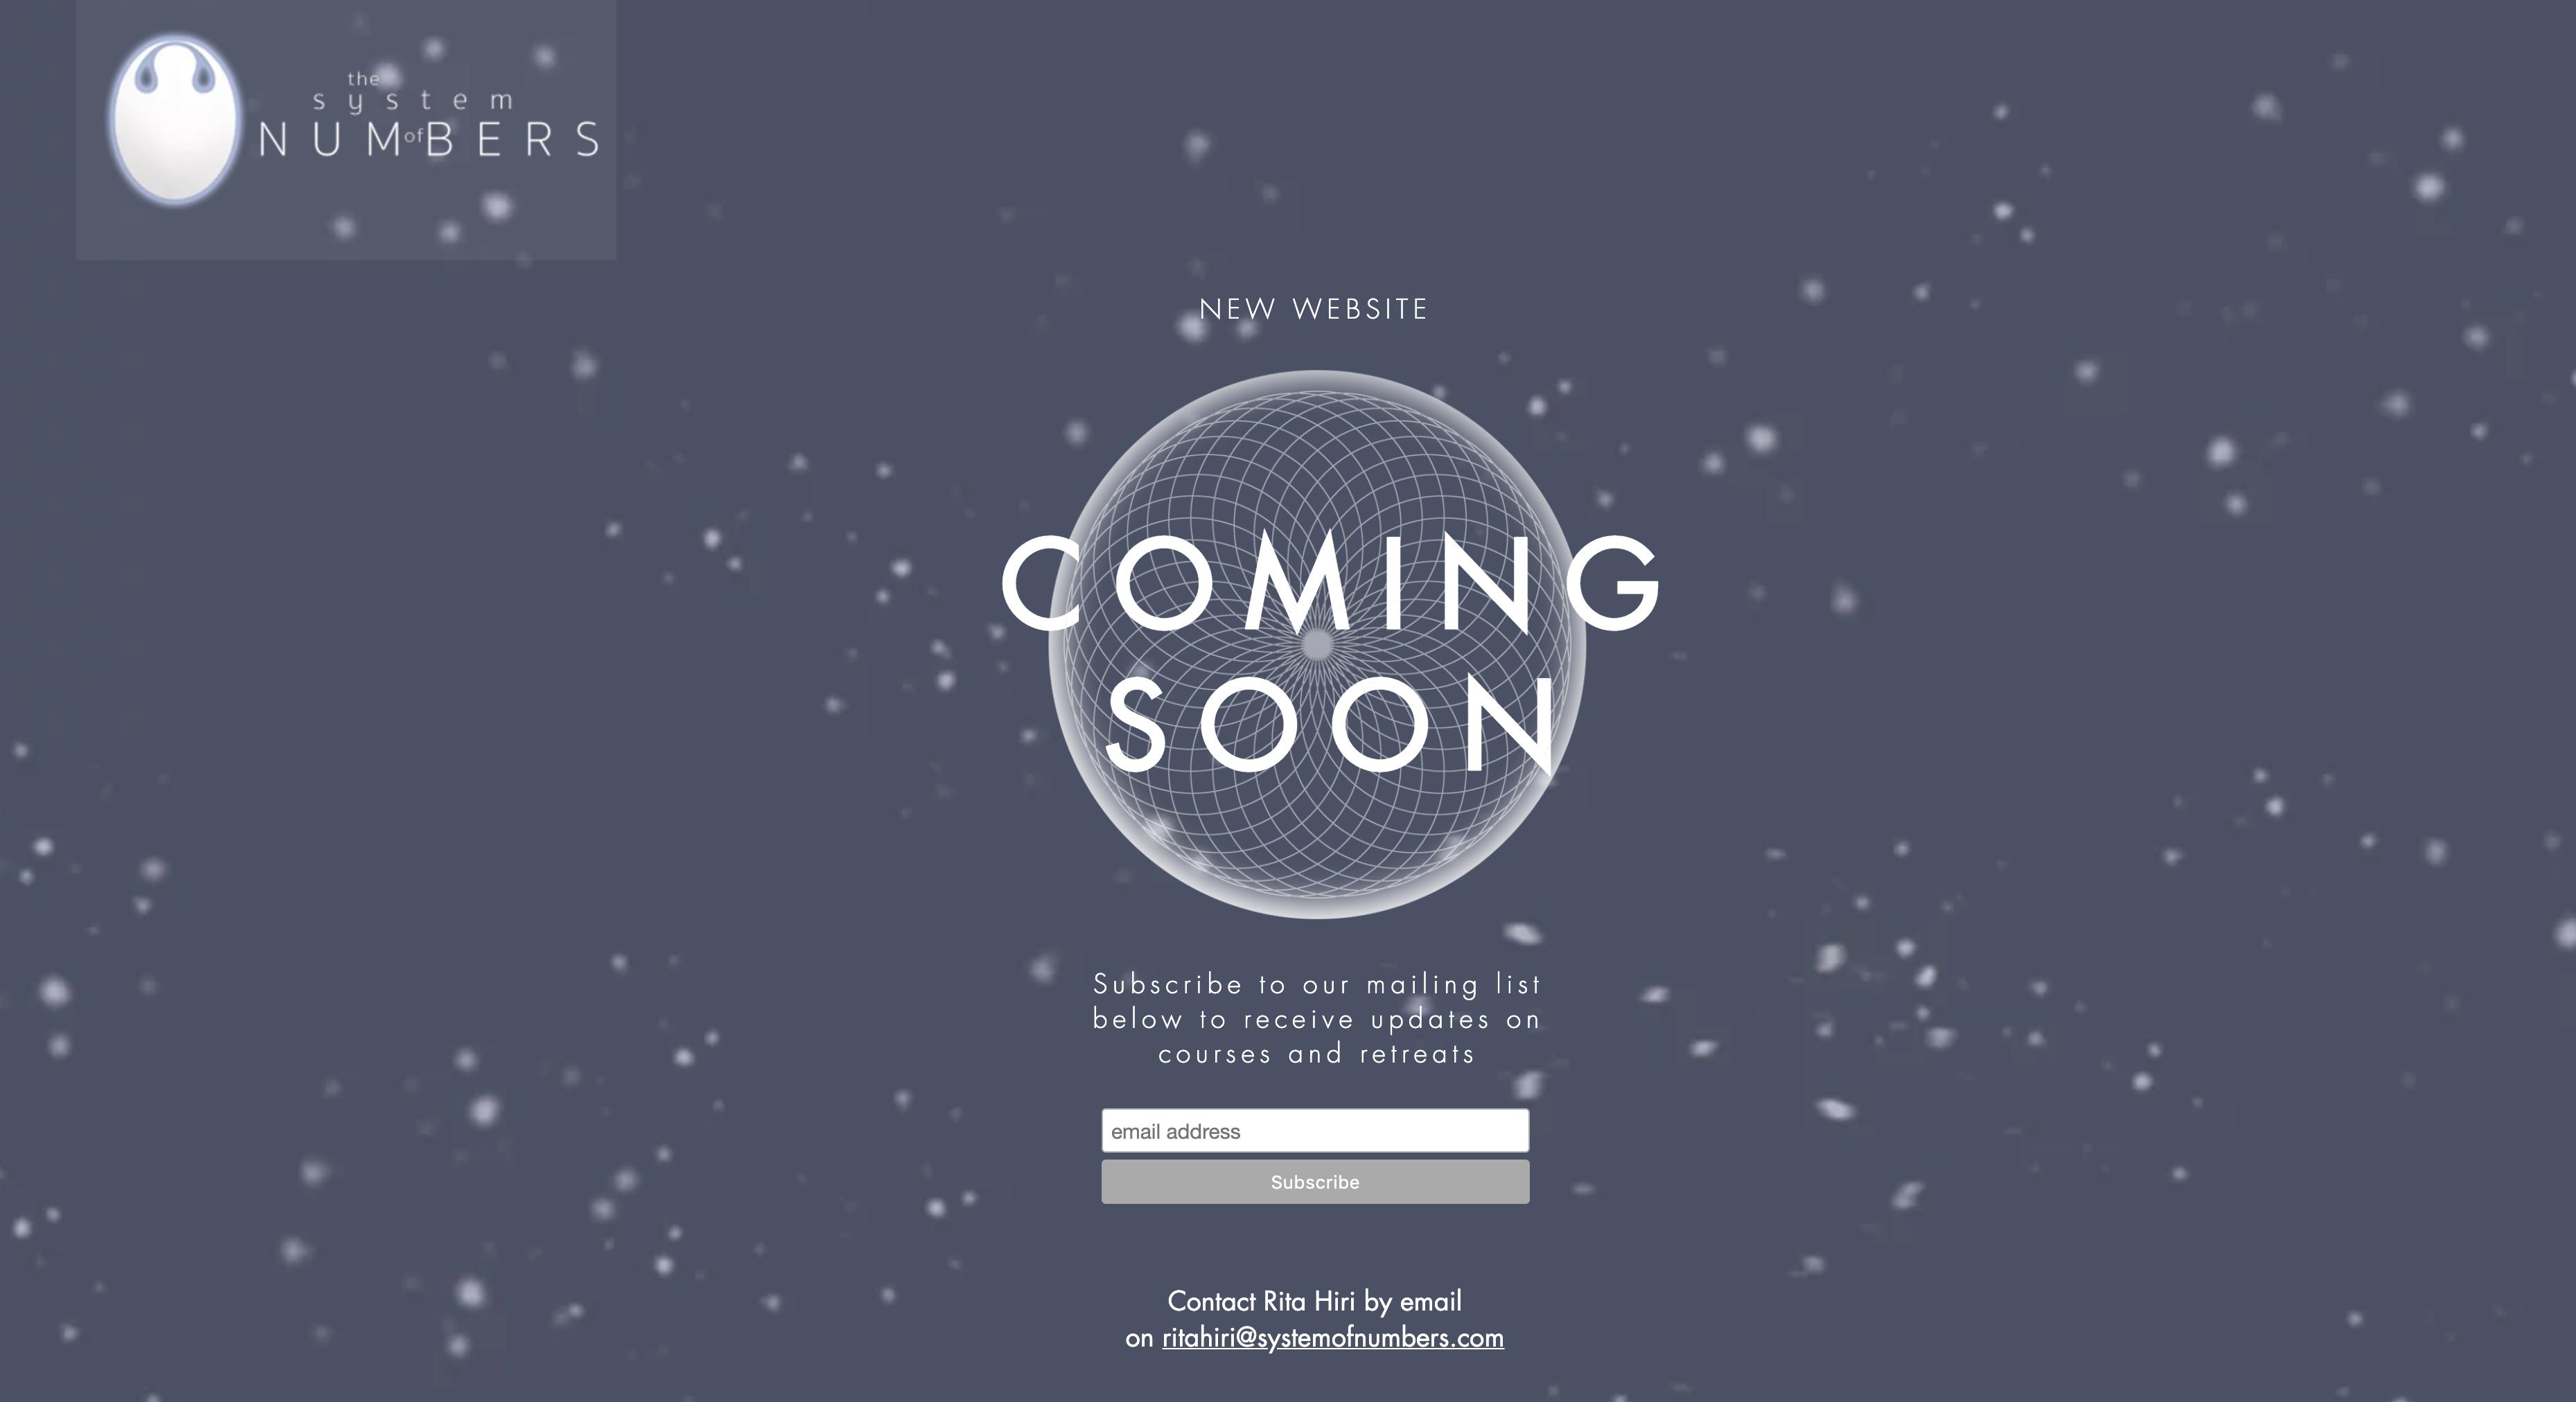 Website Coming Soon - Rita Hiri